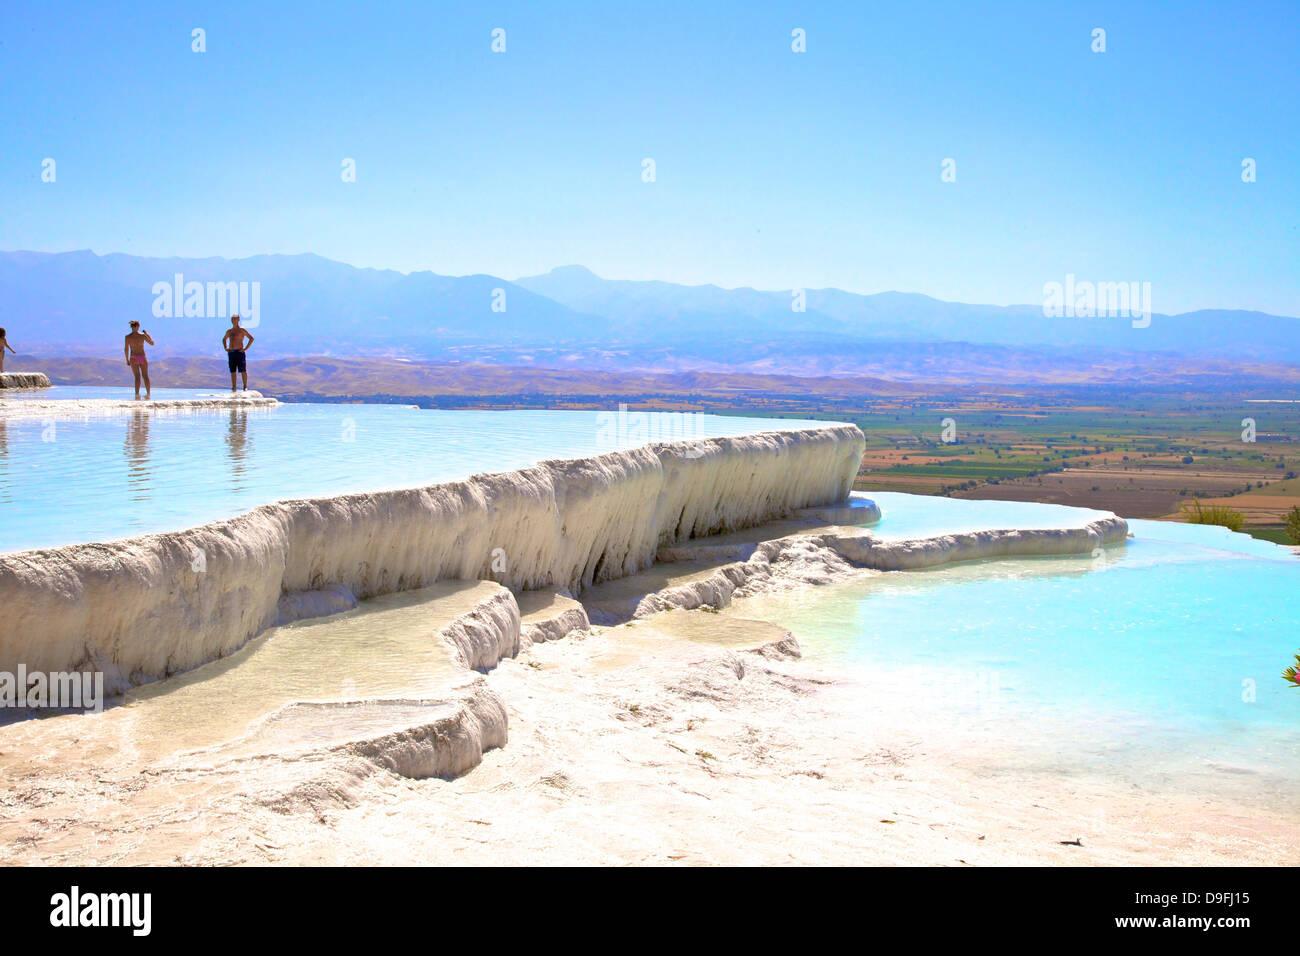 Des terrasses en travertin blanc à Pamukkale, Site du patrimoine mondial de l'Anatolie, Turquie, mineur, Photo Stock